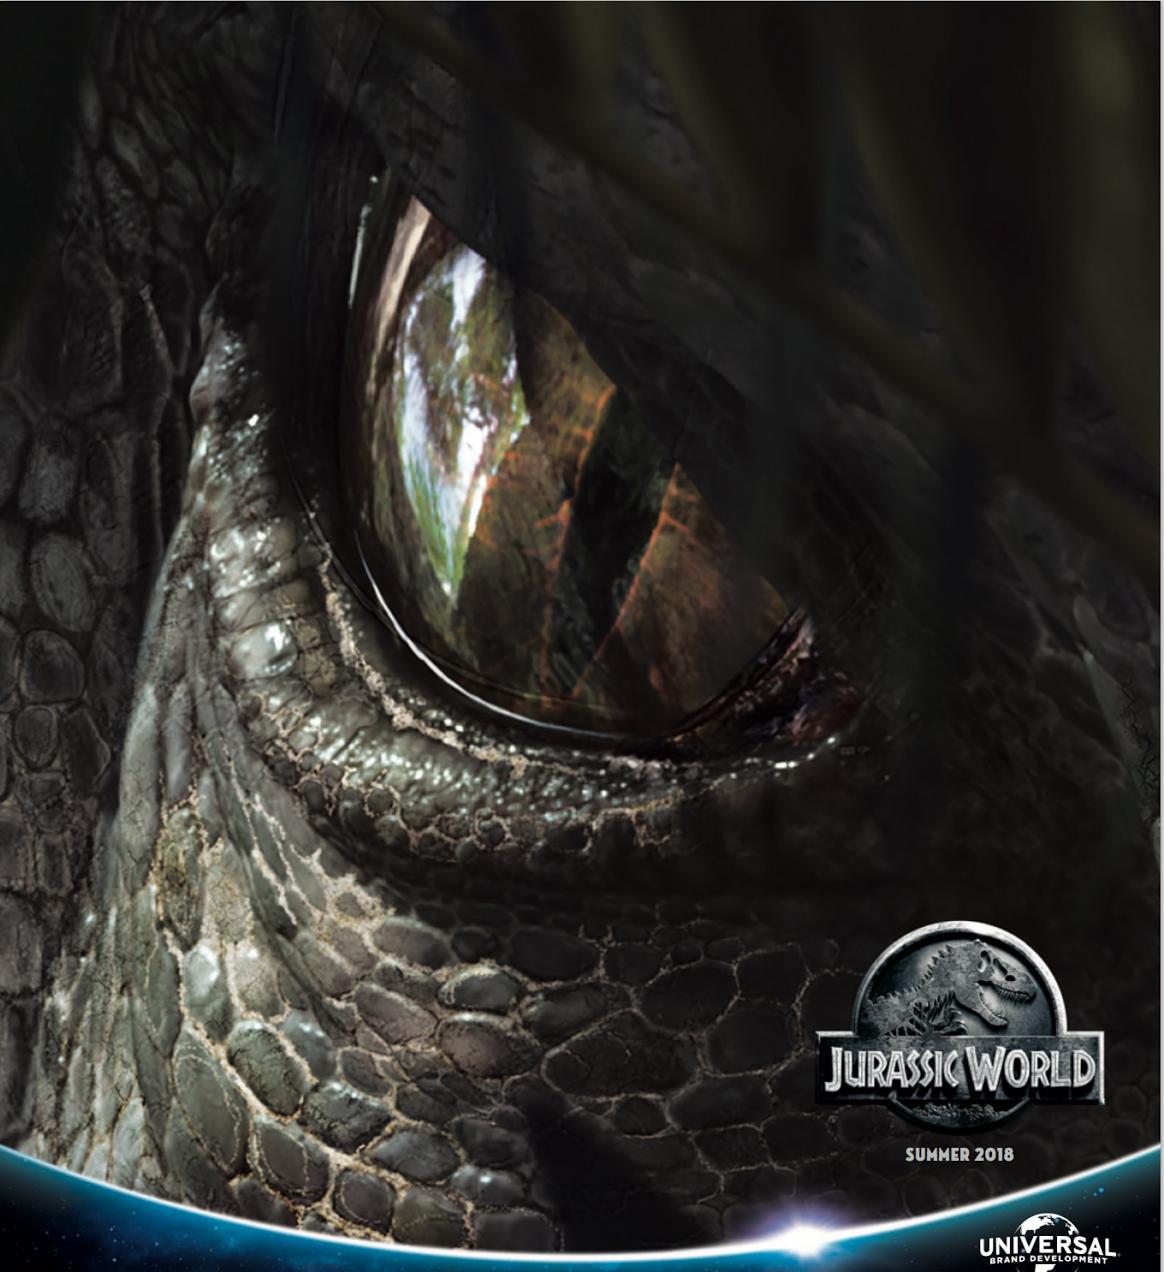 Jurassic World: Fallen Kingdom Behind The Scene Featurette ...